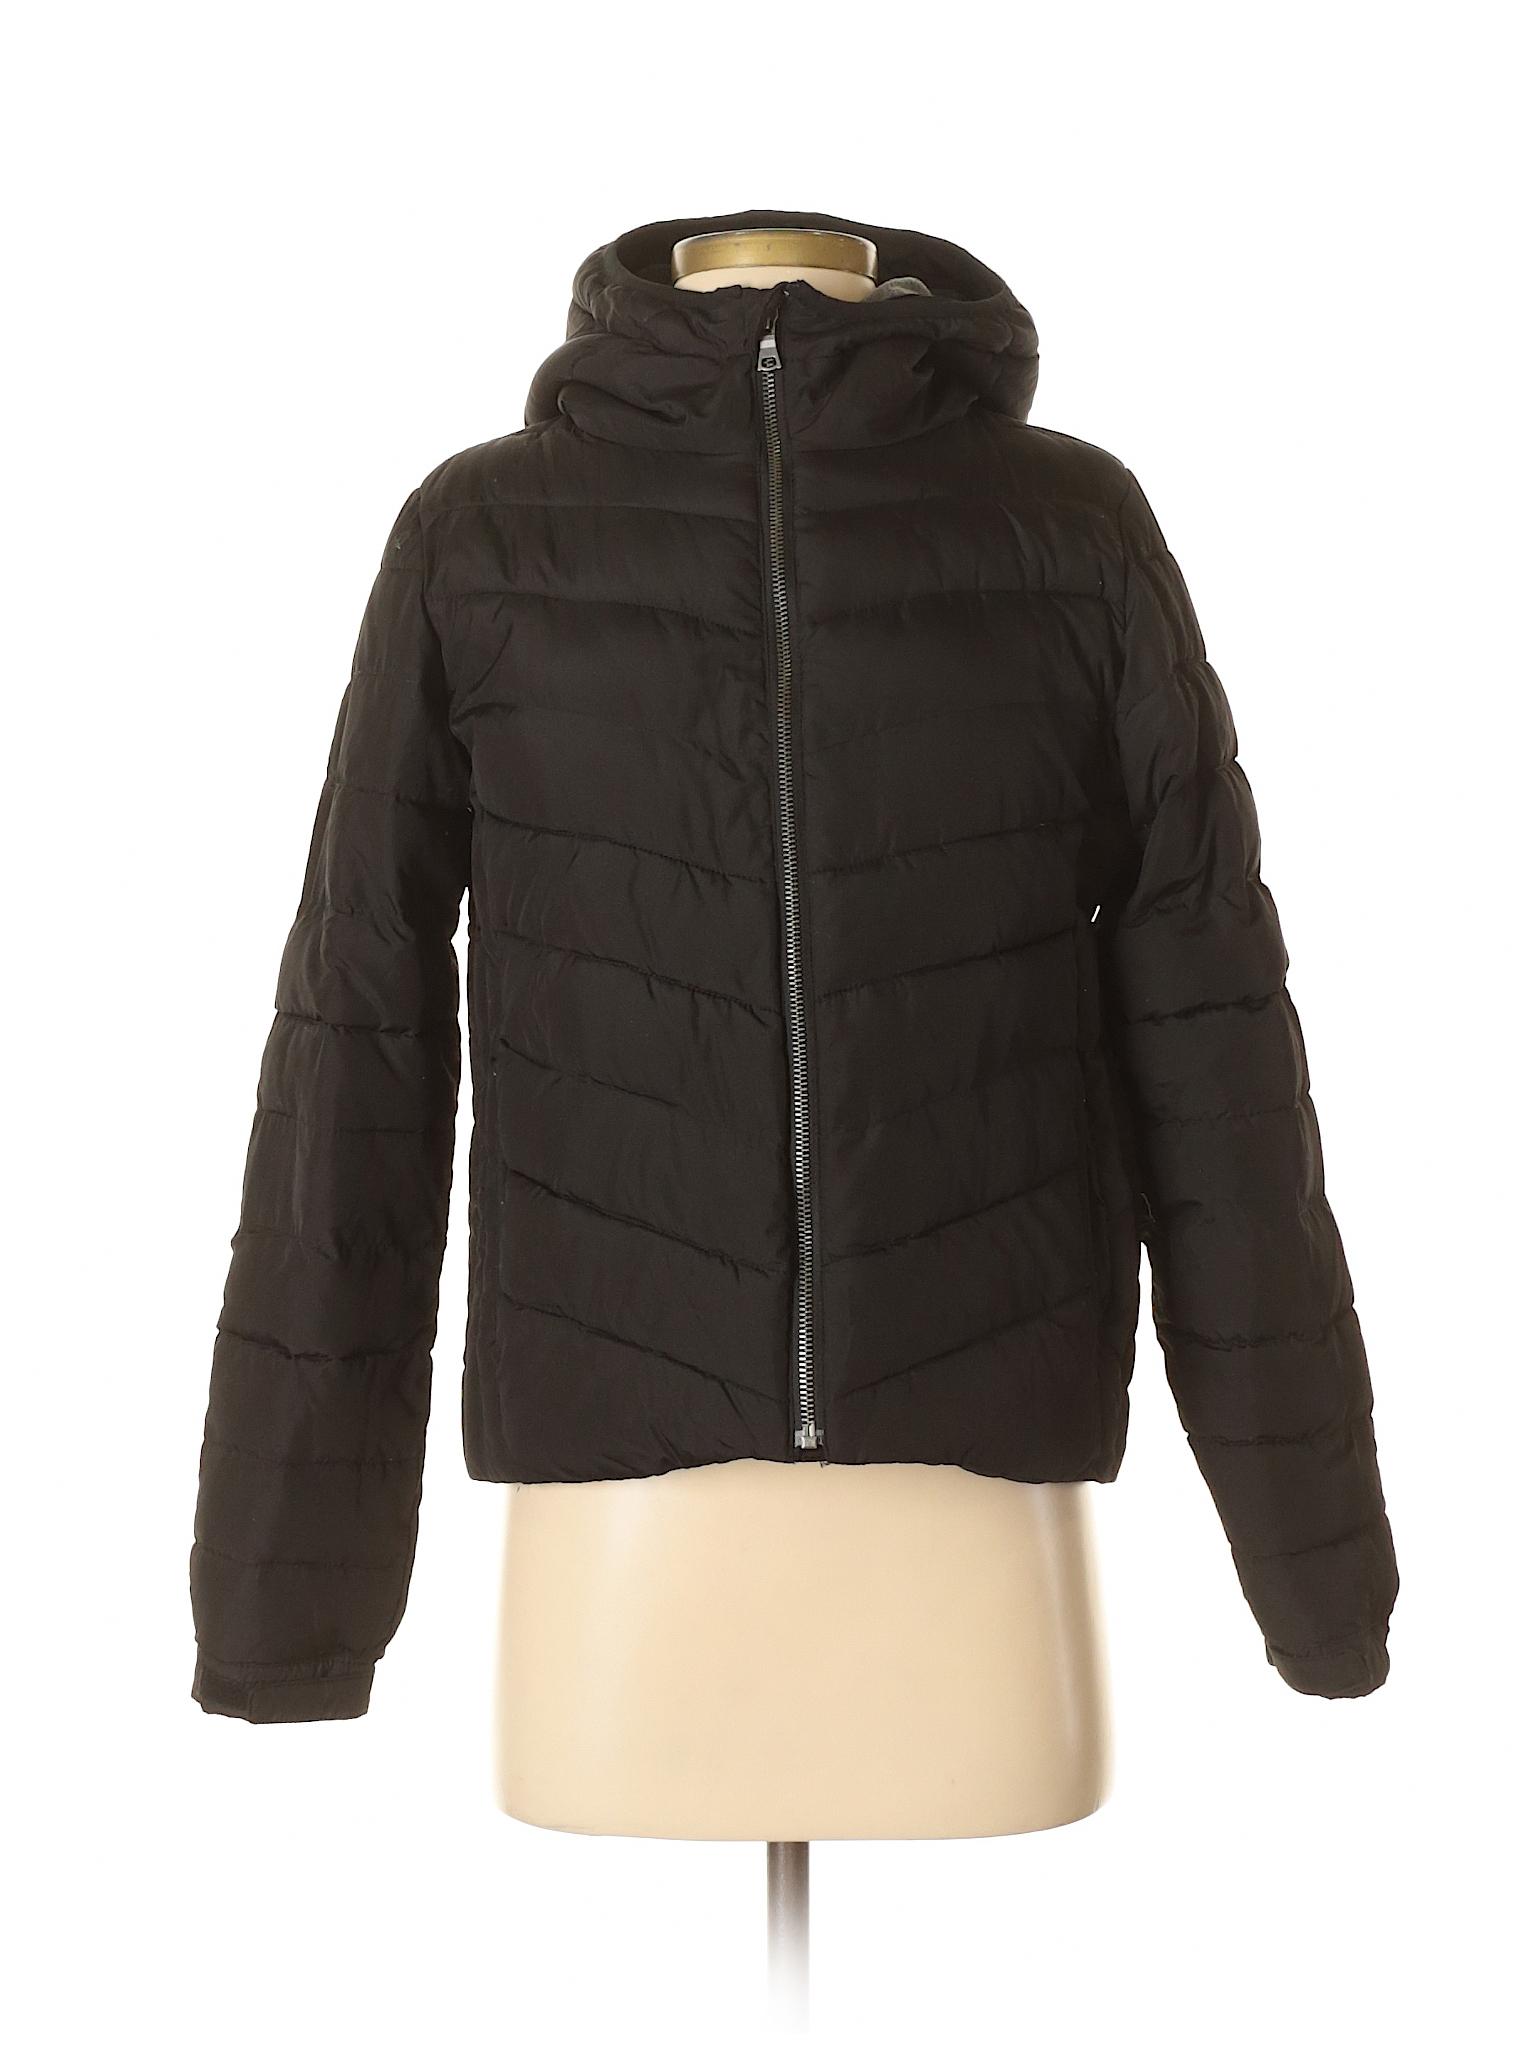 Gap Jacket Boutique Boutique Snow winter winter YOTz0